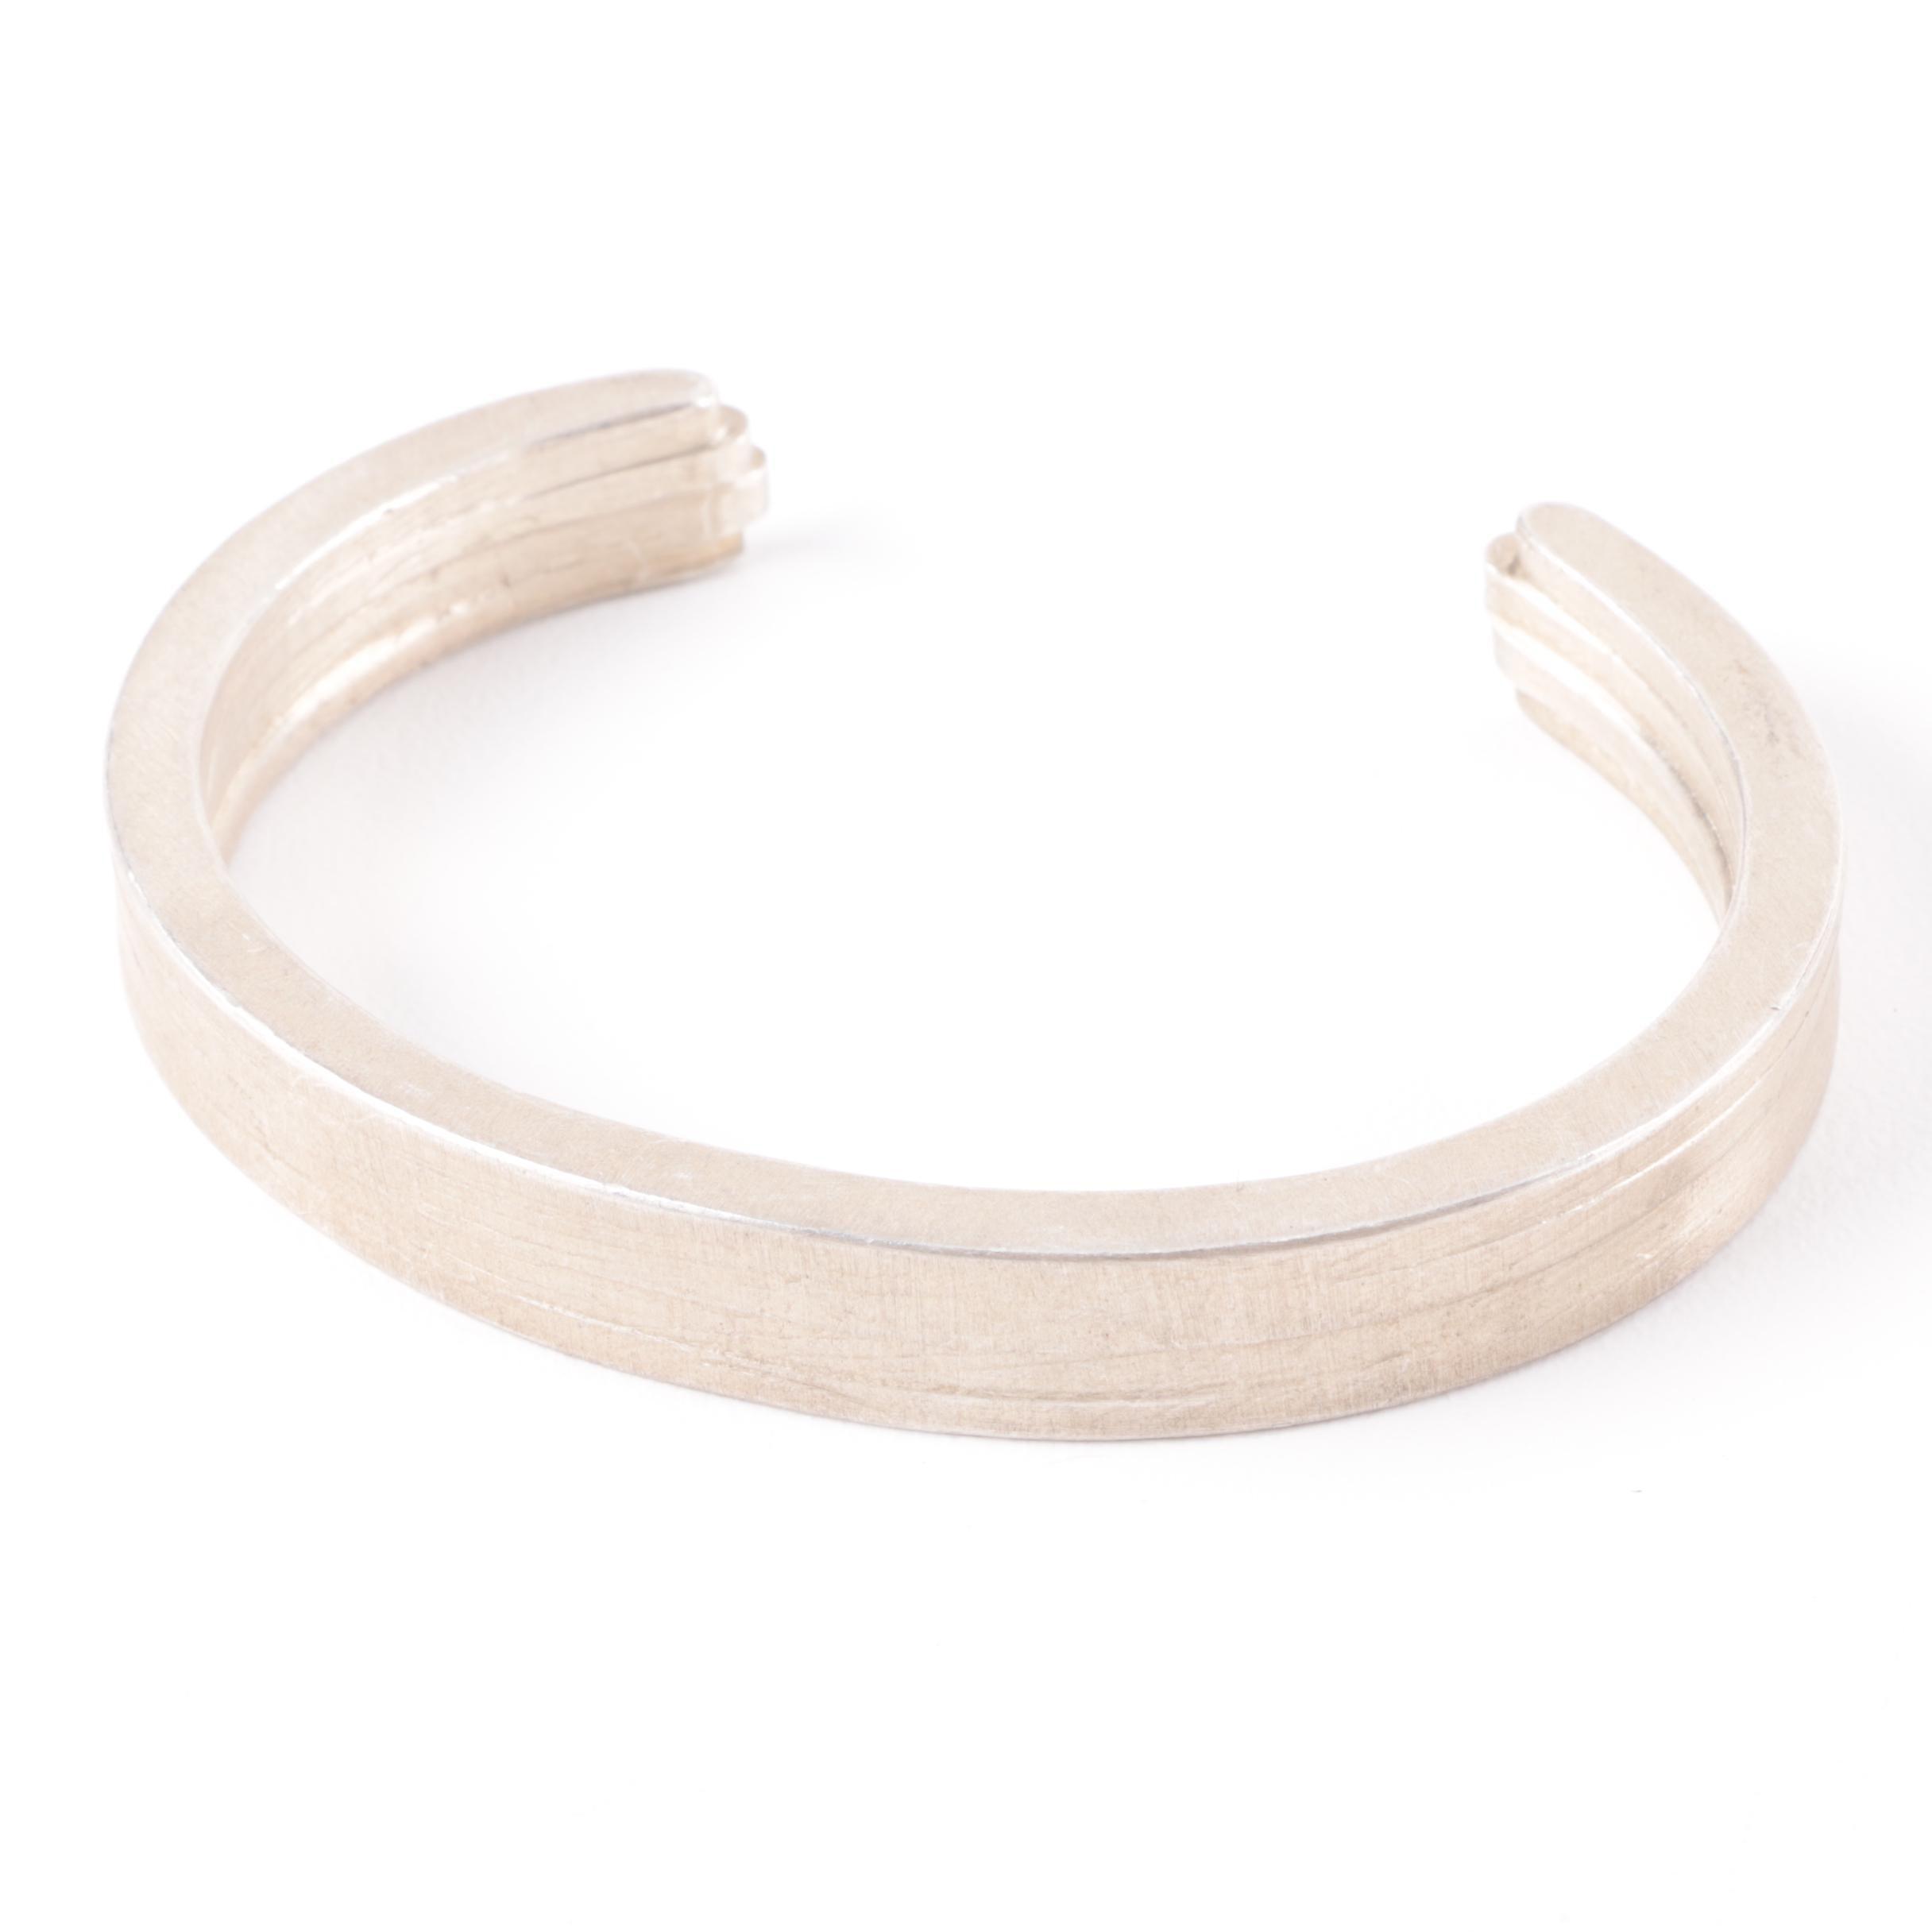 Miansai Sterling Silver Cuff Bracelet